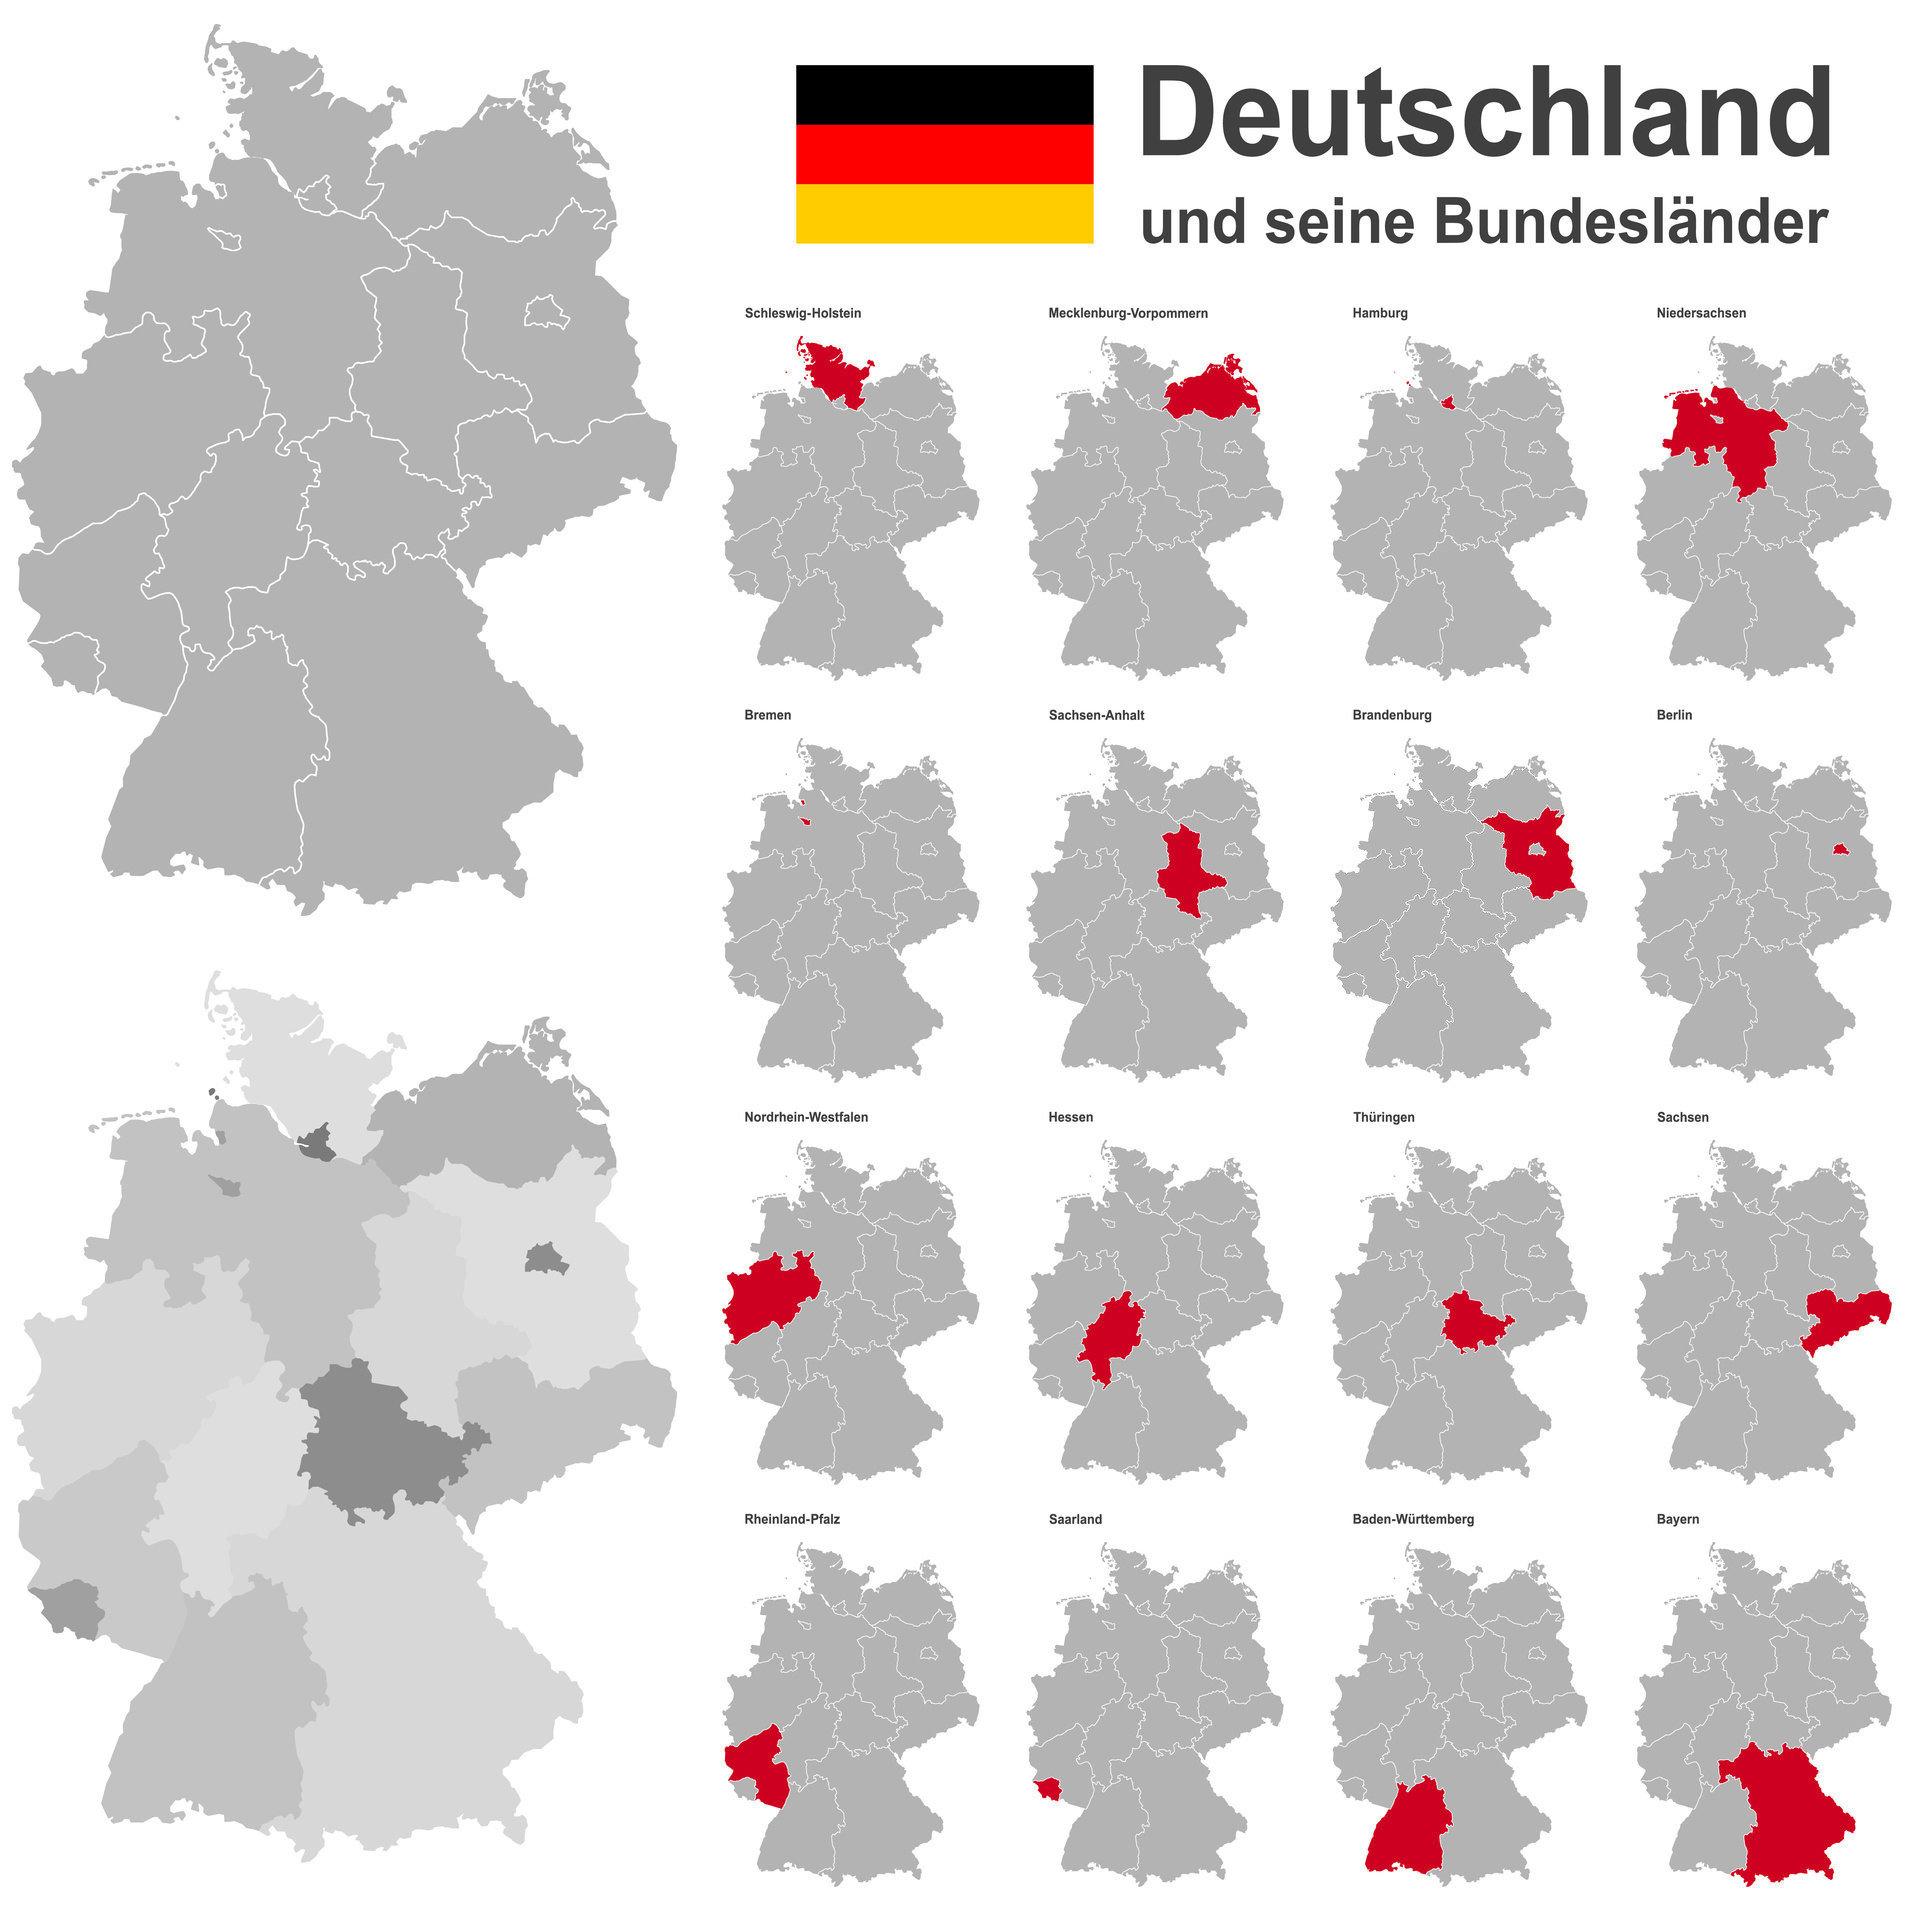 Wie Heißen Die 16 Bundesländer Von Deutschland Und Ihre bei Bundesländer Und Hauptstädte Deutschland Lernen